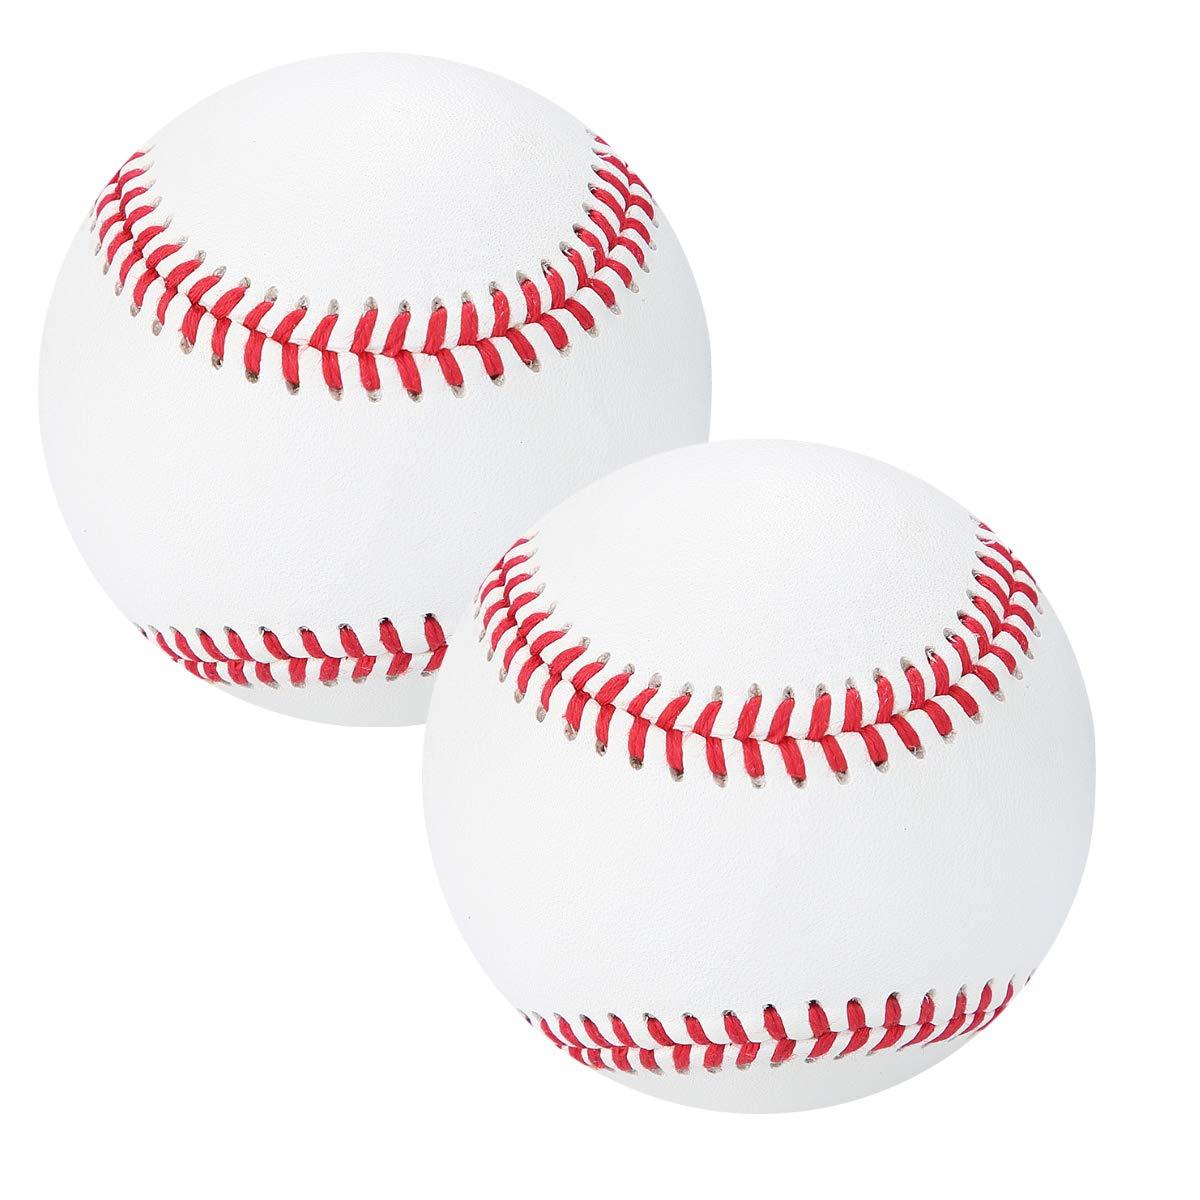 XJSGS 野球ボール 競技グレード ユース野球ボール 公式リーグ レクリエーション用 ベースボール 9インチ サイン入り ベースボール Cレベル ファーストレイヤー 牛革 野球 (2個パック)